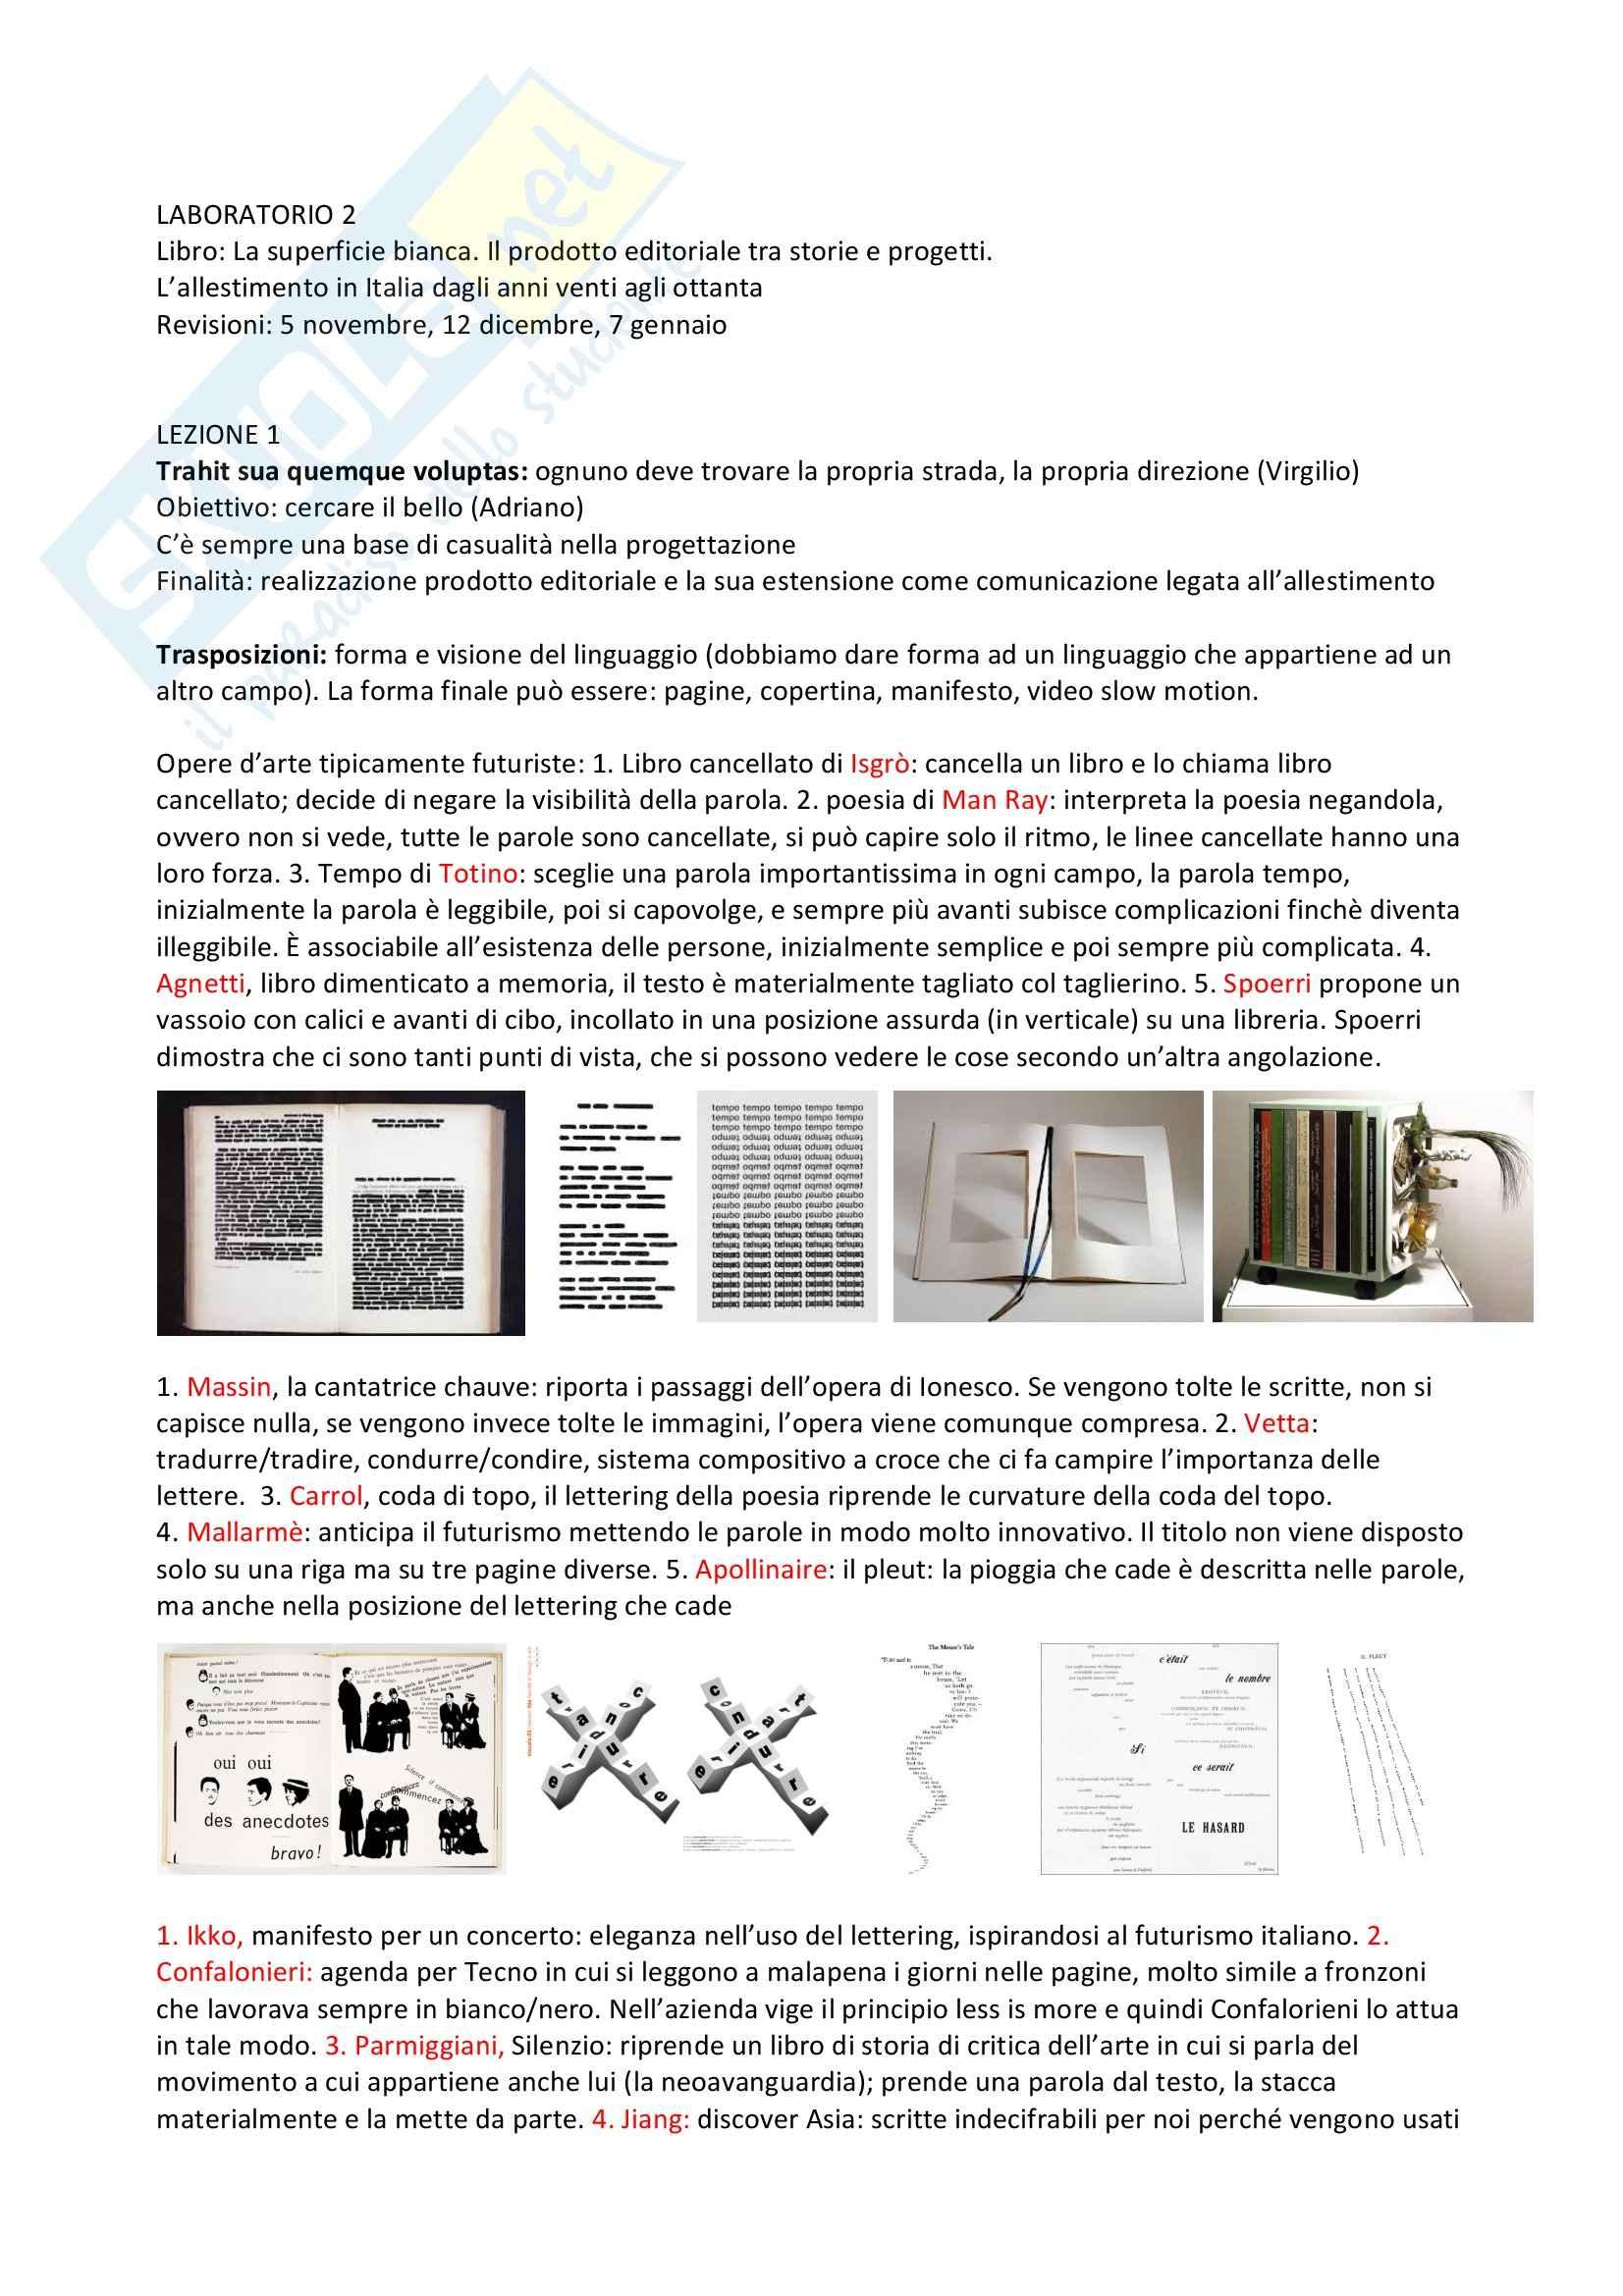 Lezioni, Laboratorio progettuale grafico-pubblicitario e di comunicazione